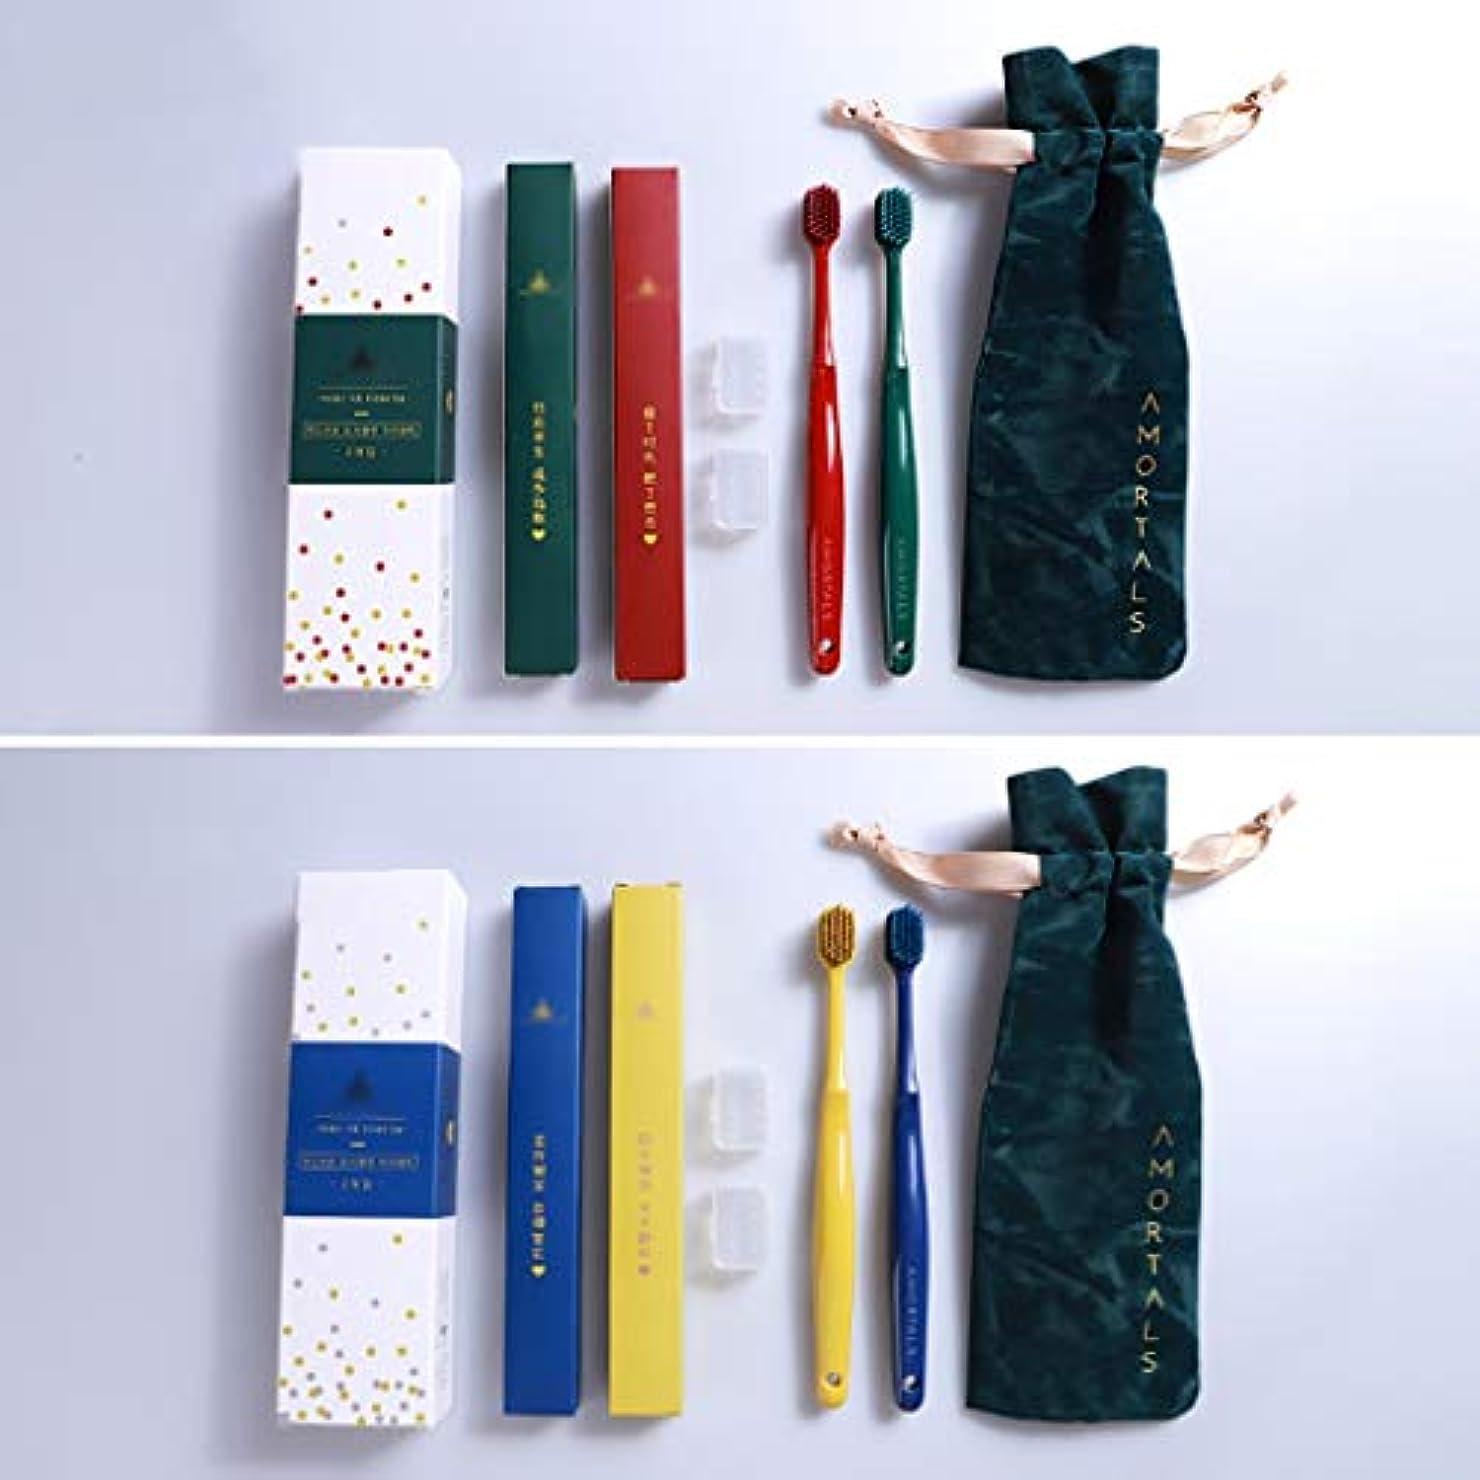 ジェスチャー配管工センター竹炭歯ブラシ、大人の家庭用4スティック歯ブラシ